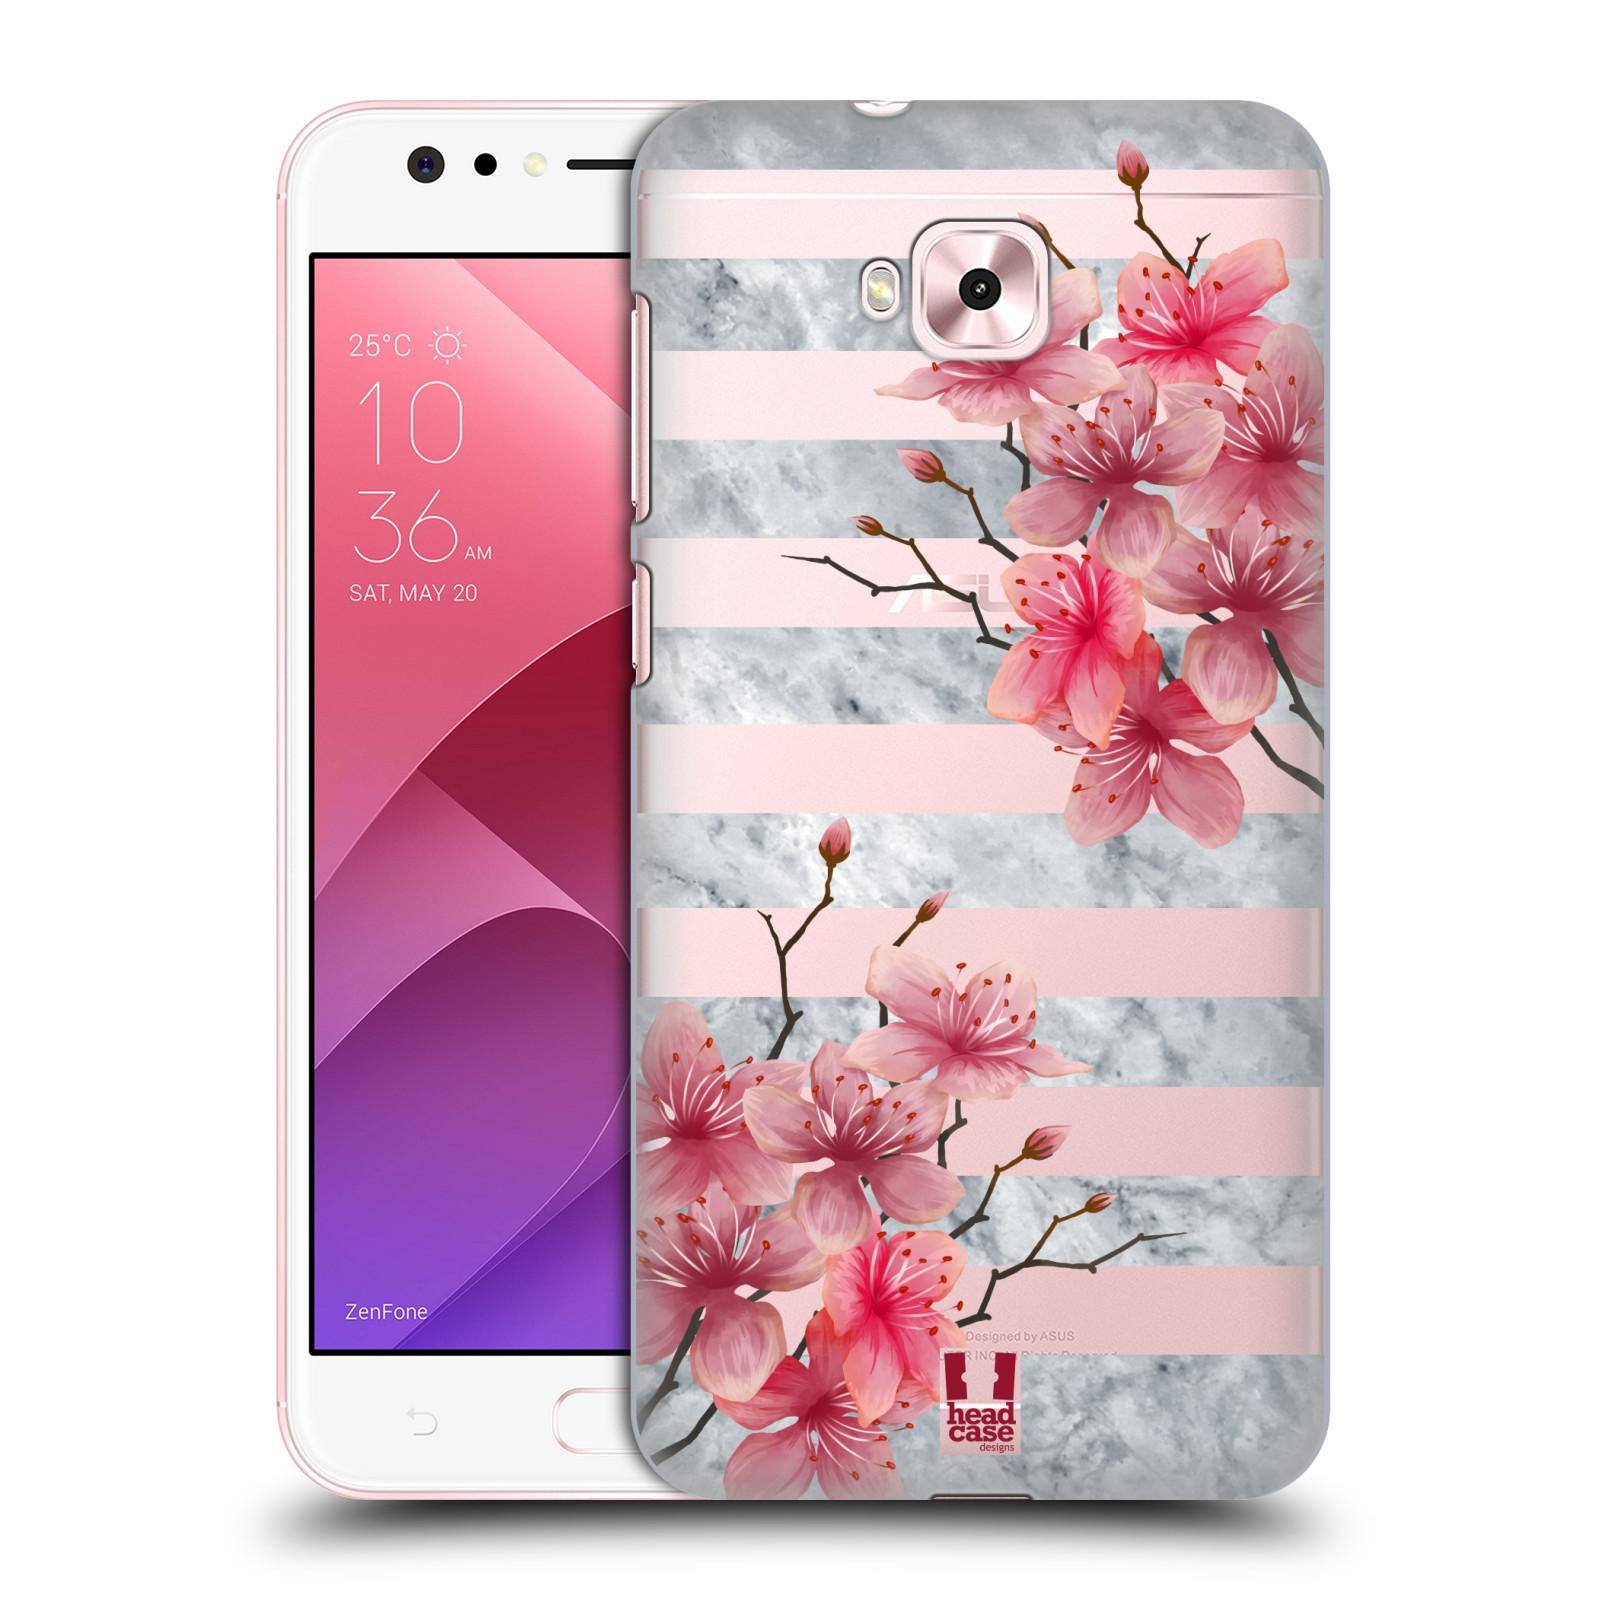 HEAD CASE plastový obal na mobil Asus Zenfone 4 Selfie ZD553KL růžové květy v rozkvětu a mramor